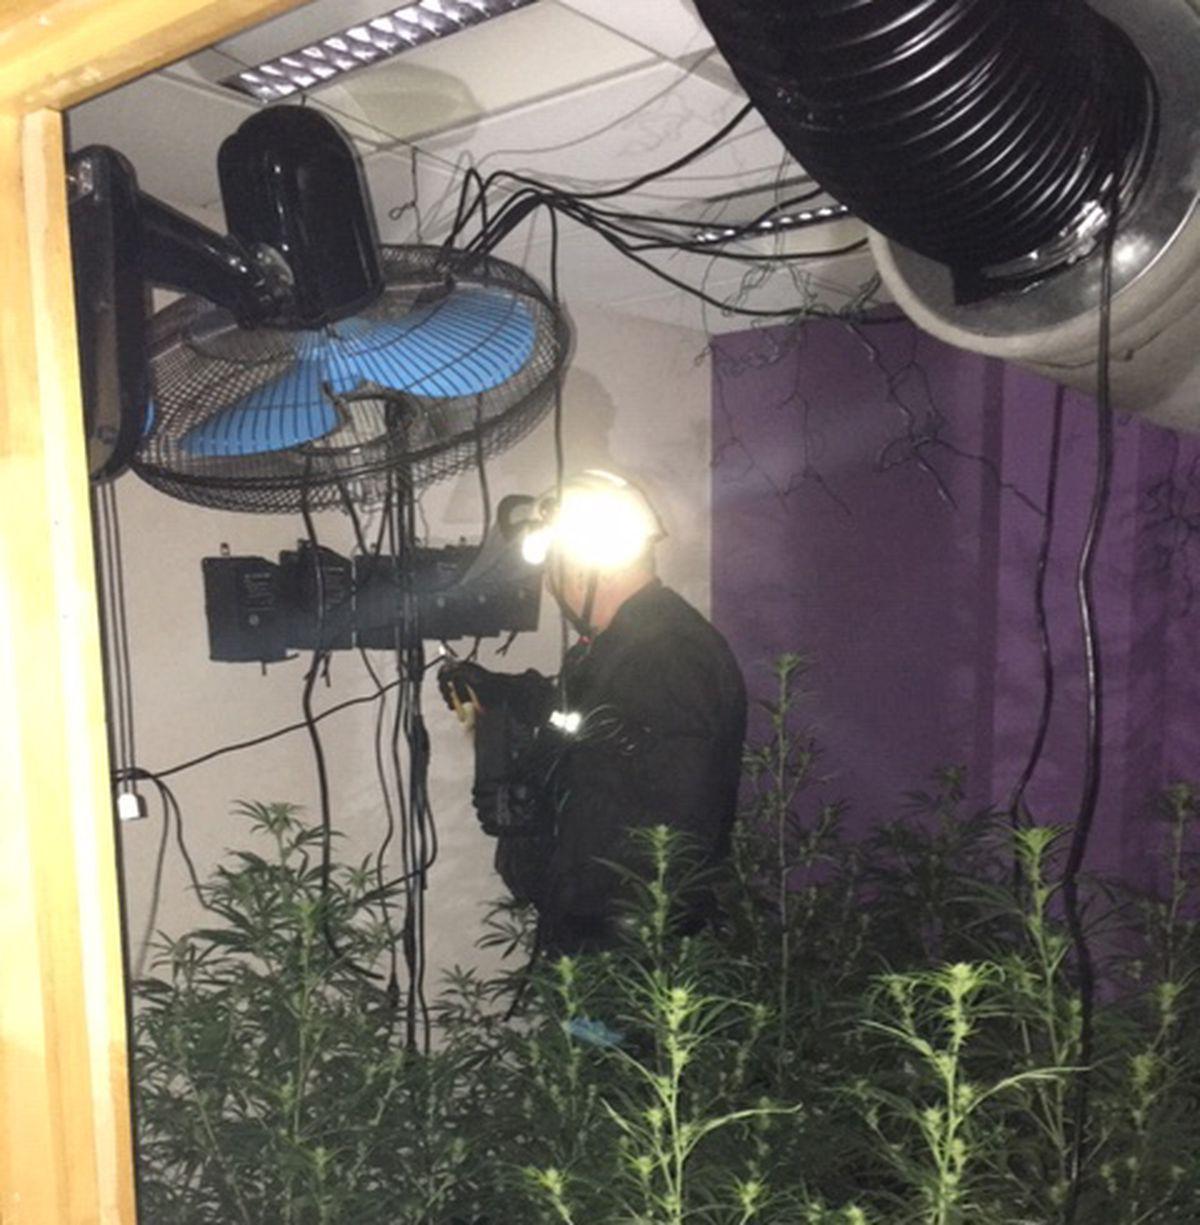 Inside the cannabis farm